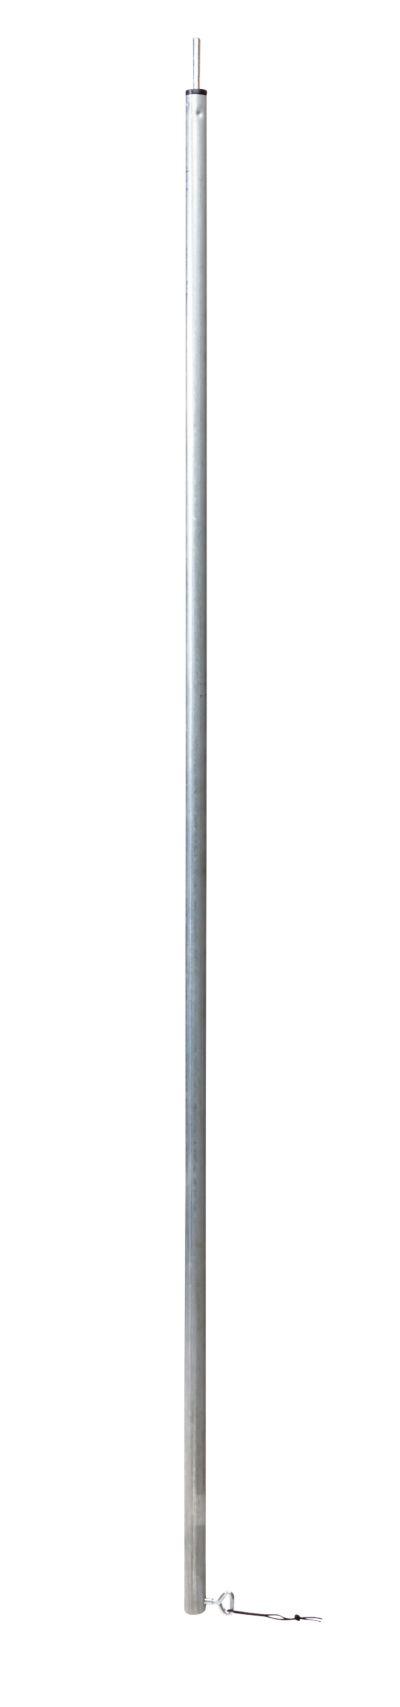 Adjustable Tent Pole (2.7M)